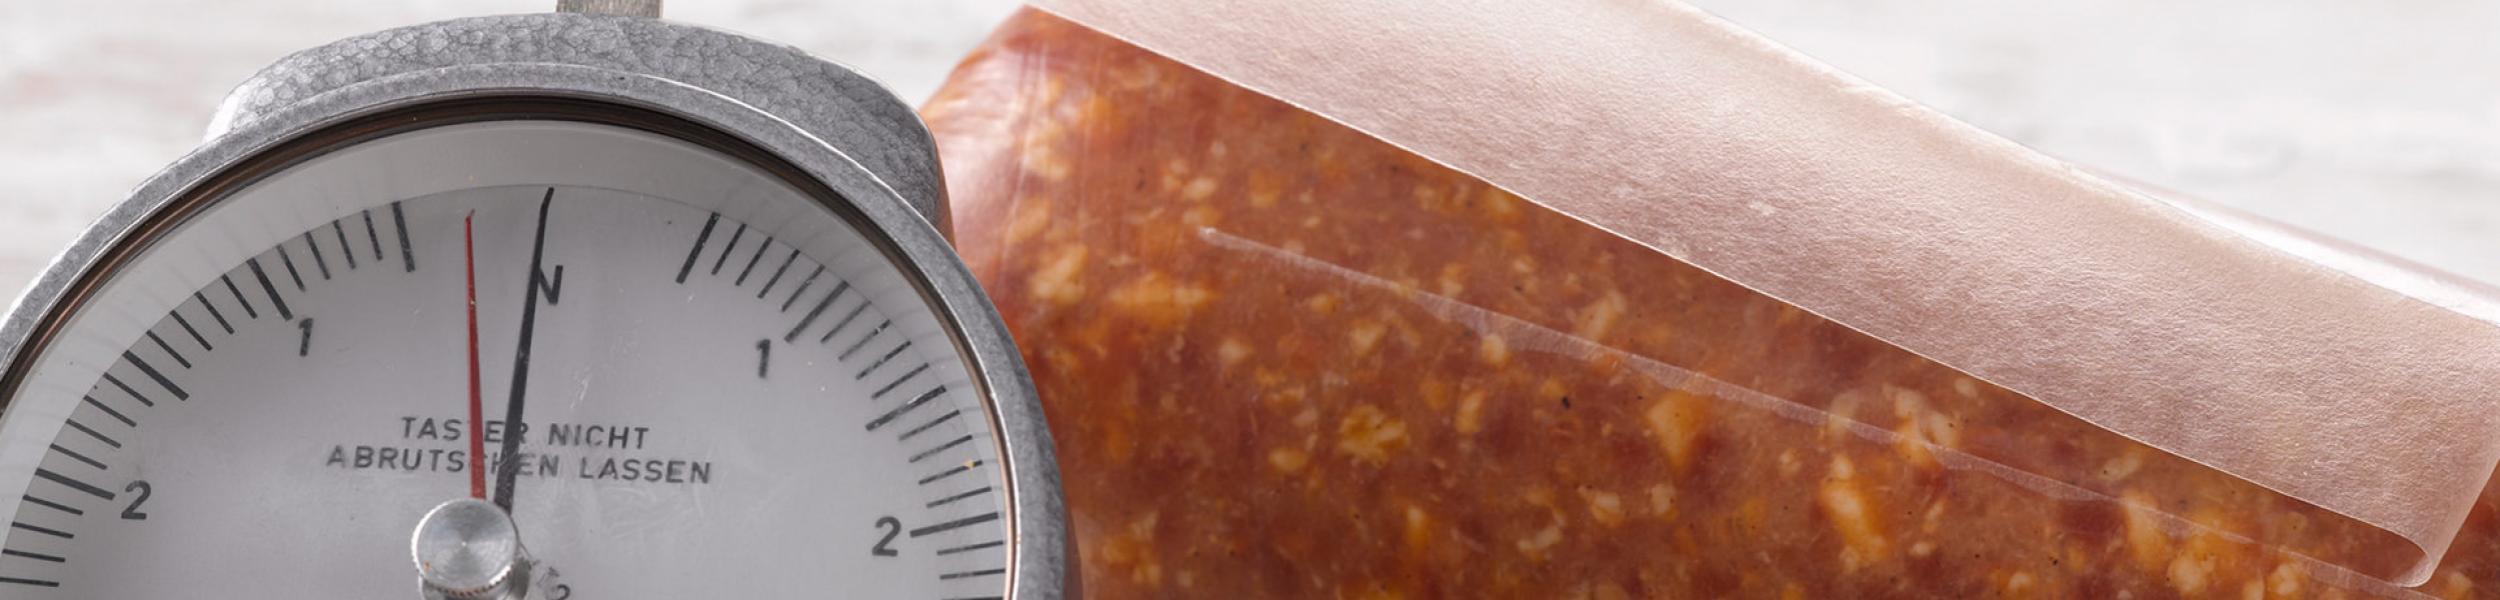 Fibrous sausage casing Xtreme